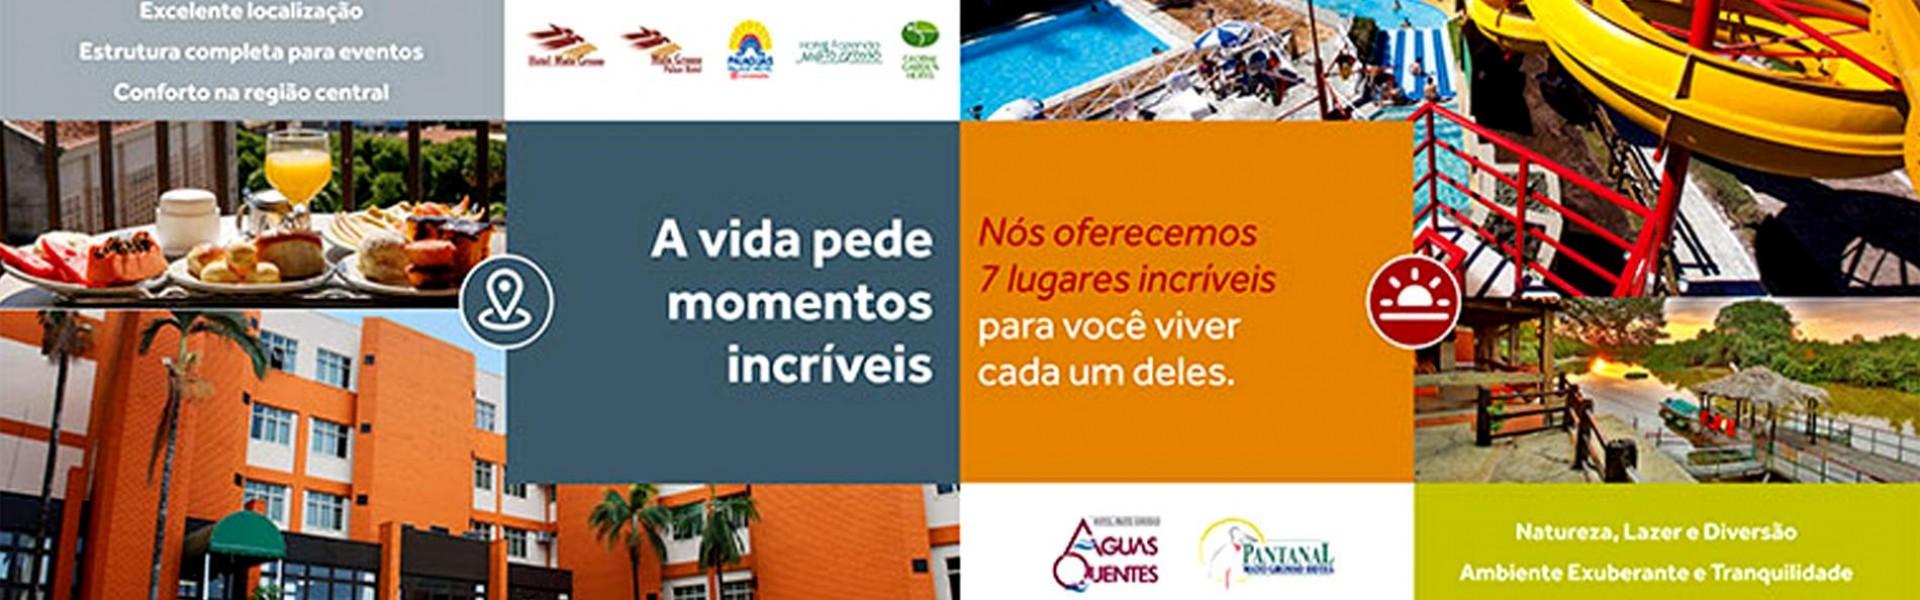 Rede de Hotéis Mato Grosso